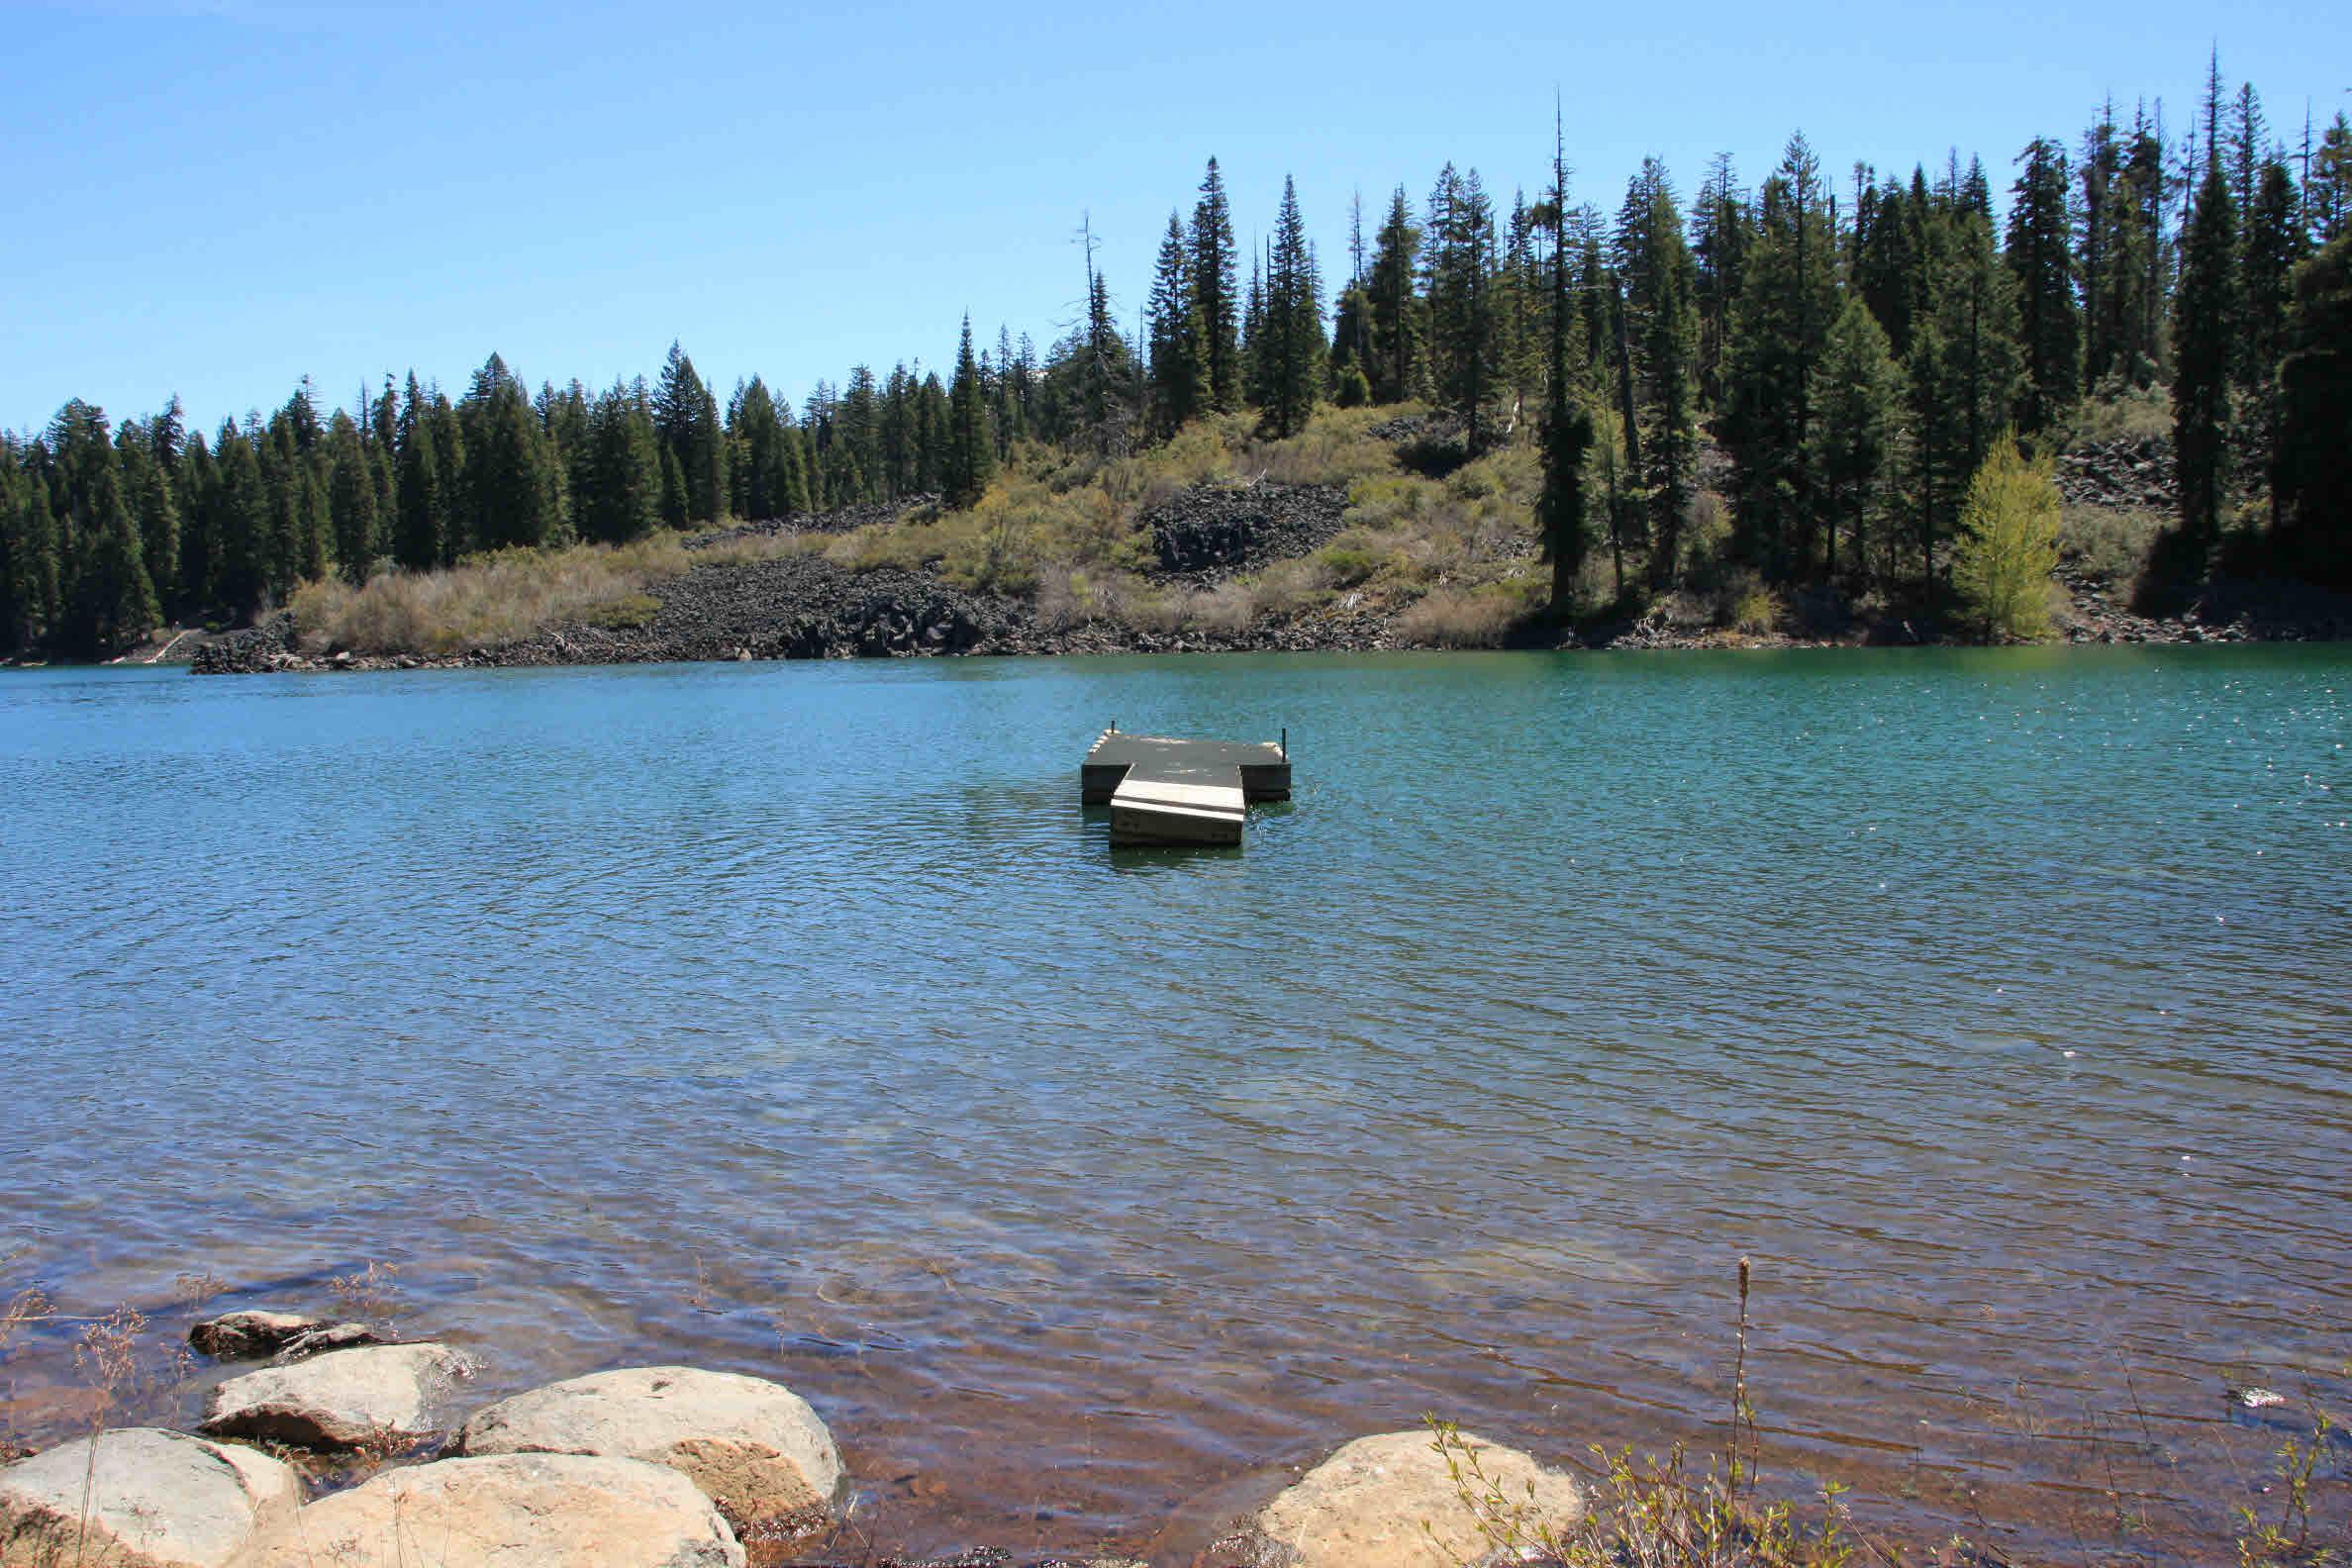 Dock in fish lake landline real estate llc for Fish lake oregon